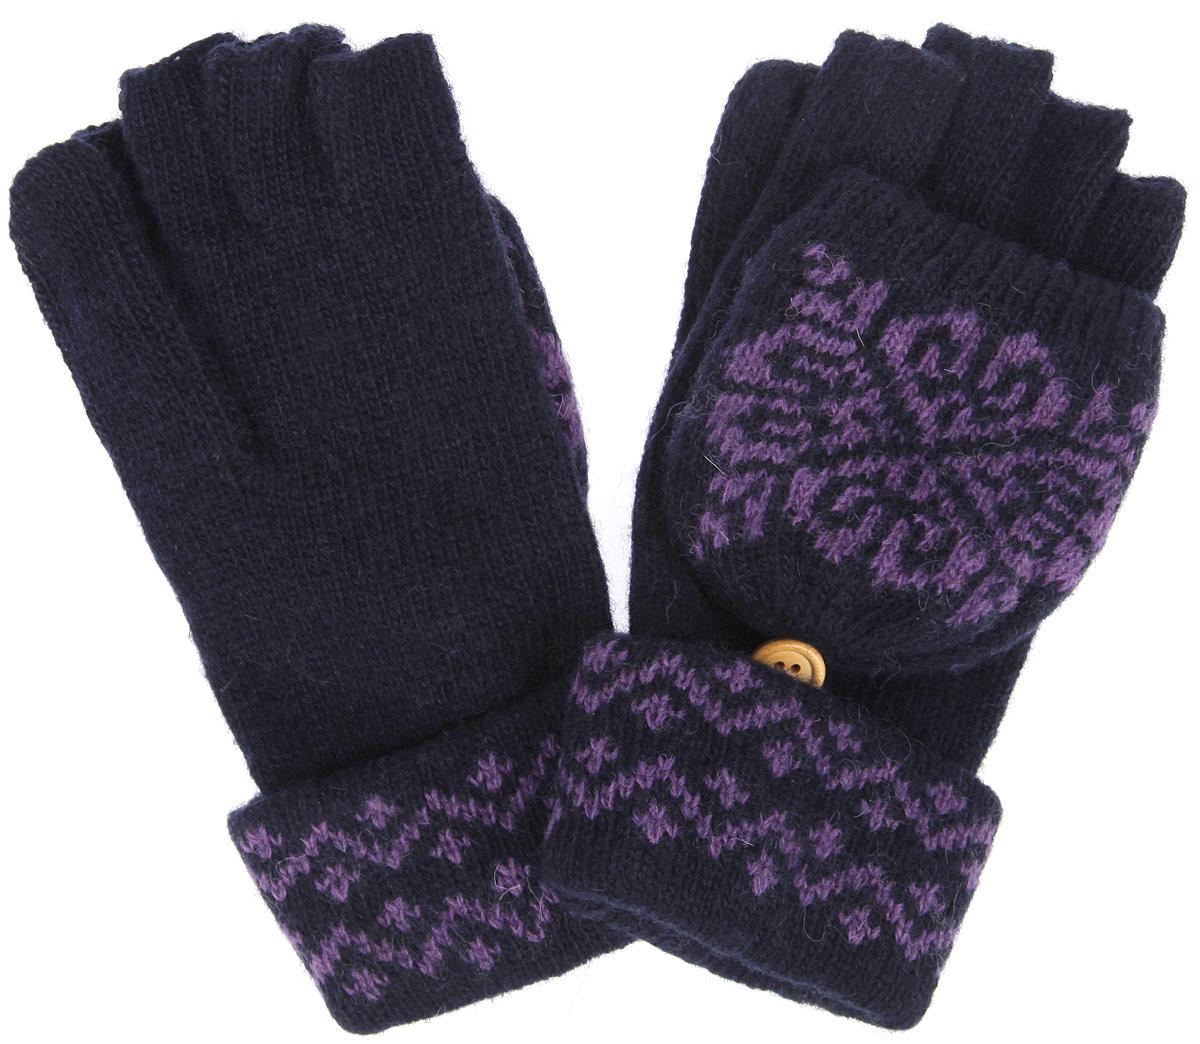 Перчатки-варежки женские. W82W82Вязаные женские перчатки-варежки Marmalato не только защитят ваши руки, но и станут великолепным украшением. Перчатки, выполненные из шерсти и нейлона, хорошо сохраняют тепло, мягкие, идеально сидят на руке и хорошо тянутся. Изделие представляет собой перчатки без пальцев, к внешней стороне которых крепится капюшон, накинув его на пальцы, перчатки превращаются в варежки. Капюшон фиксируется на перчатке при помощи пуговицы и дополнен подкладкой из акрила. С обратной стороны капюшон оформлен контрастным узором. В таких оригинальных перчатках-варежках вам будет тепло и уютно, и вы всегда будете в центре внимания!